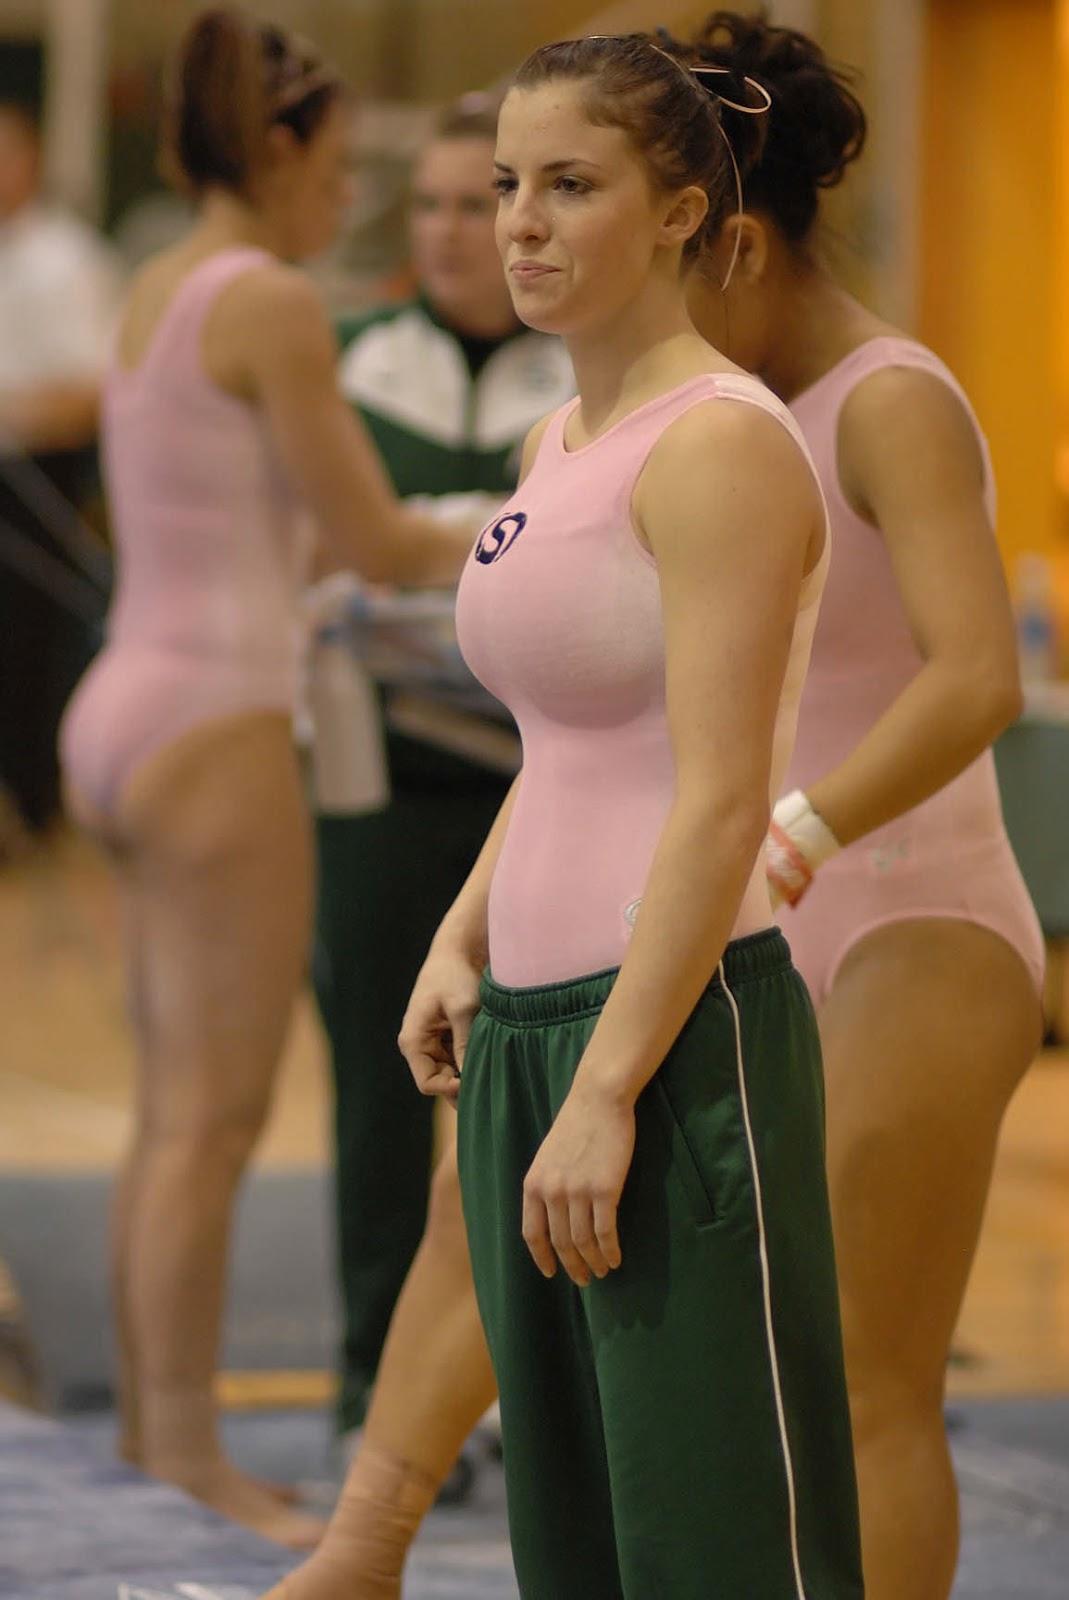 Спортивные девки с сиськами 19 фотография